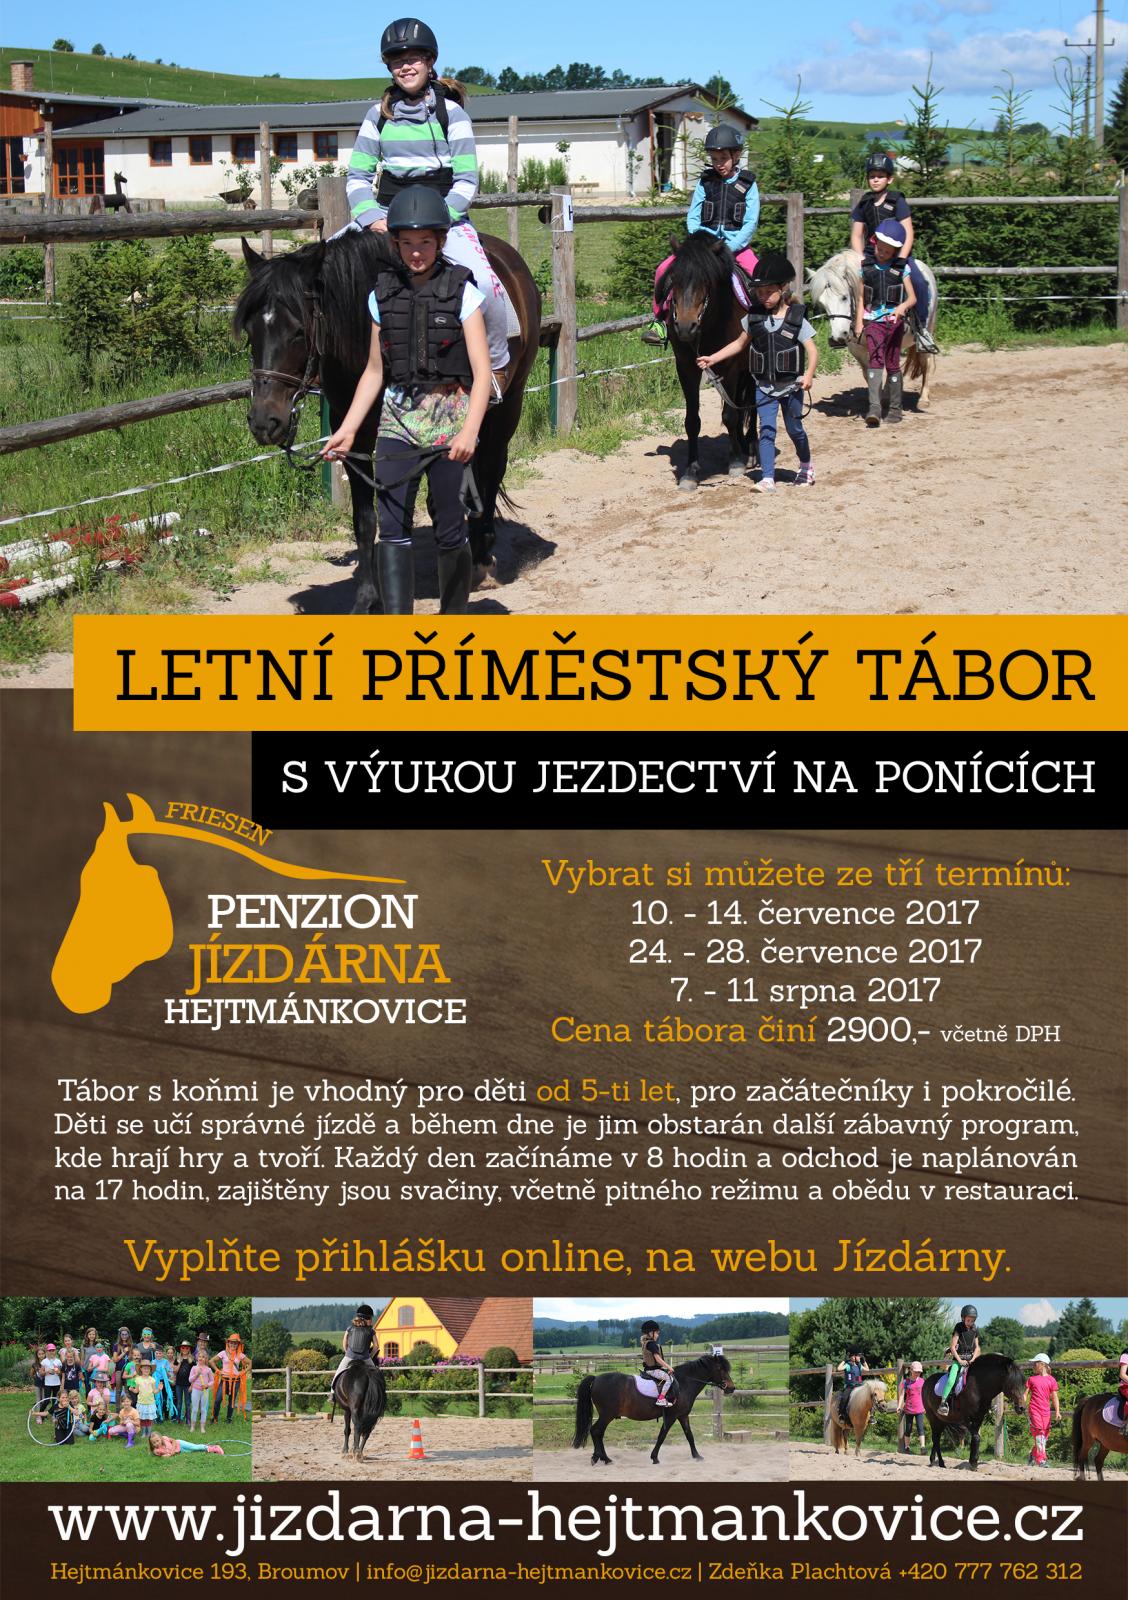 letni-tabor-2017-tisk